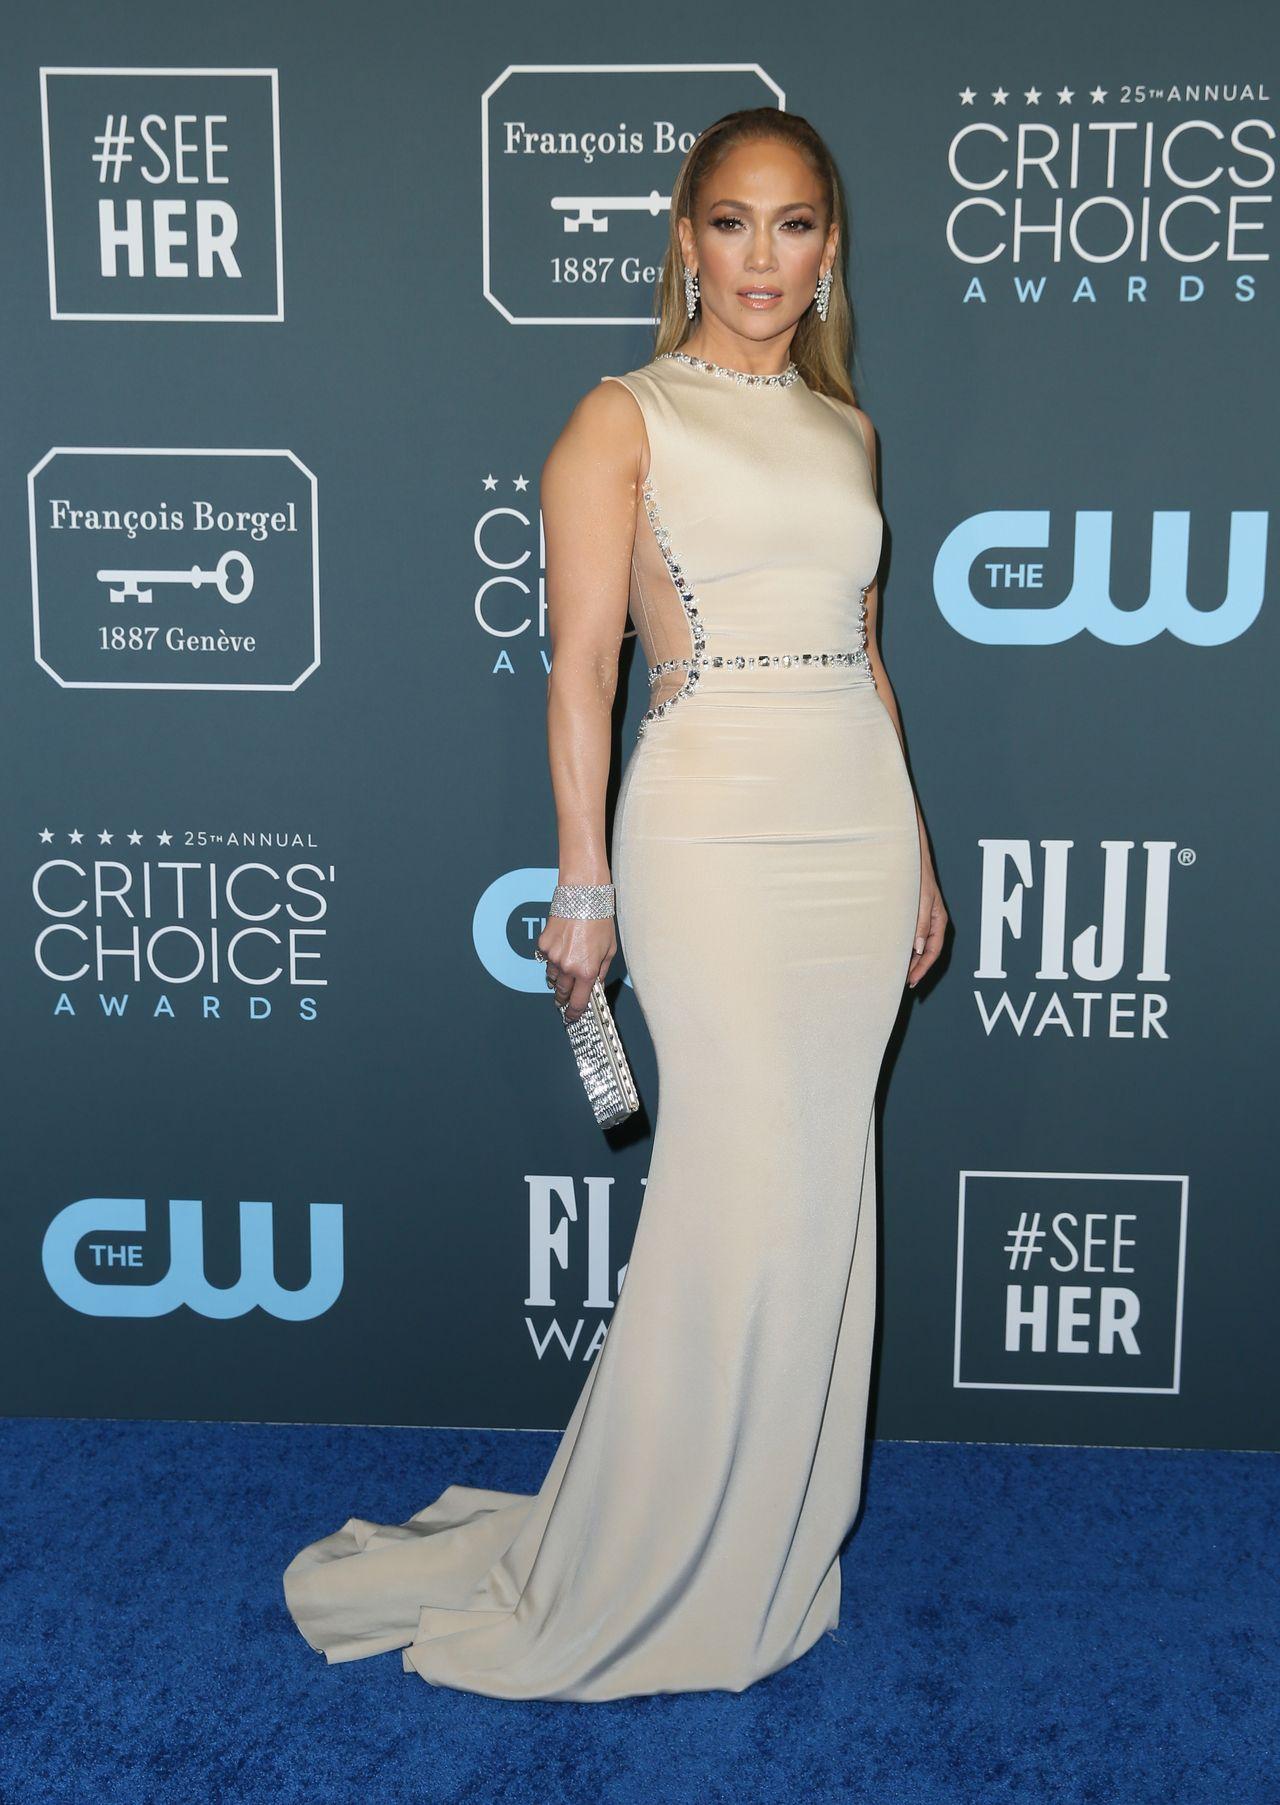 WOW! Zendaya ZASZALAŁA z kreacją na gali Critic's Choice Awards – przebiła nawet JLo? (ZDJĘCIA)